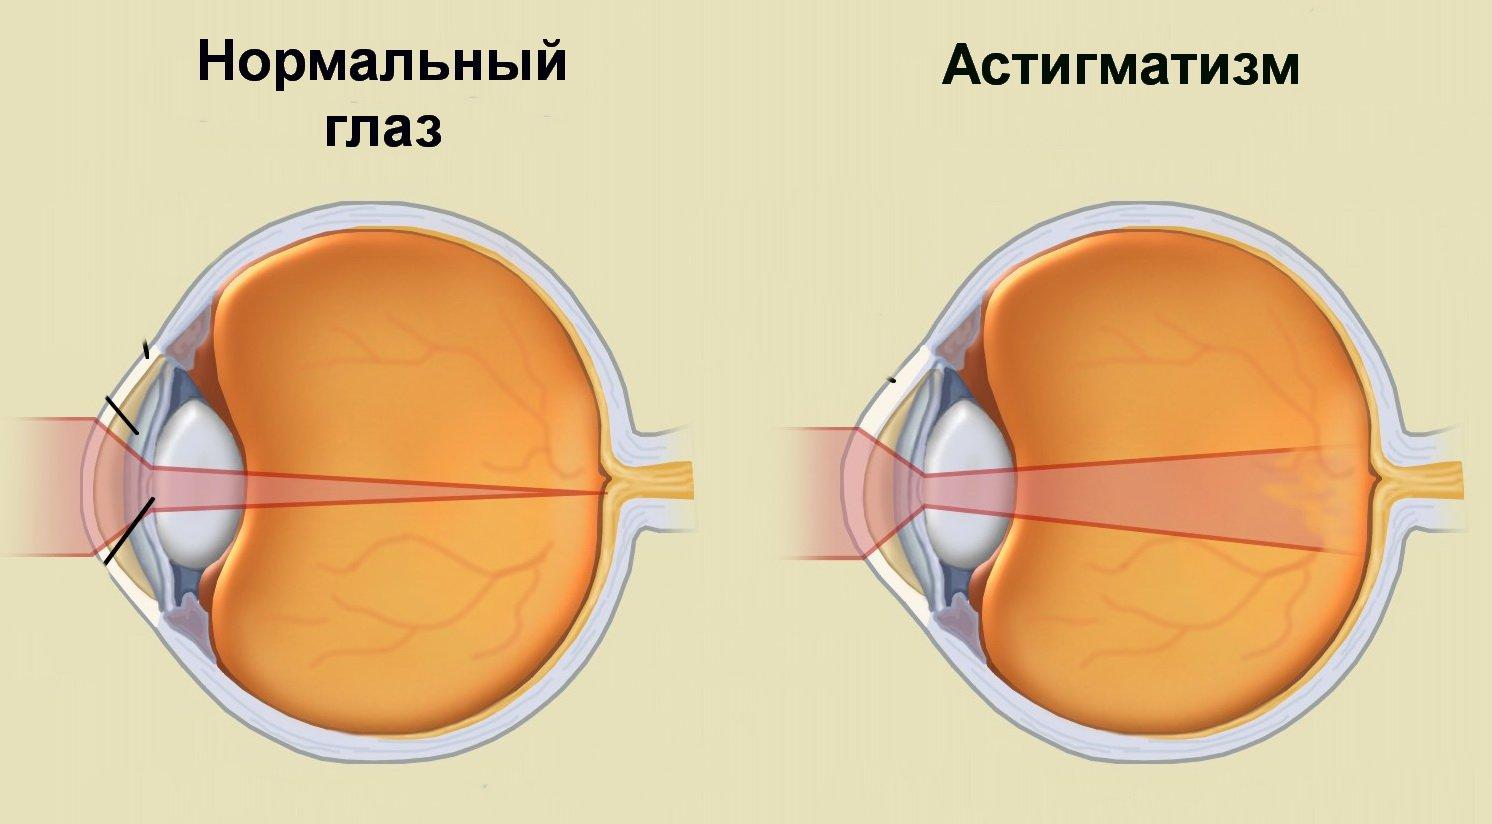 látás asztigmatizmus gyakorlása